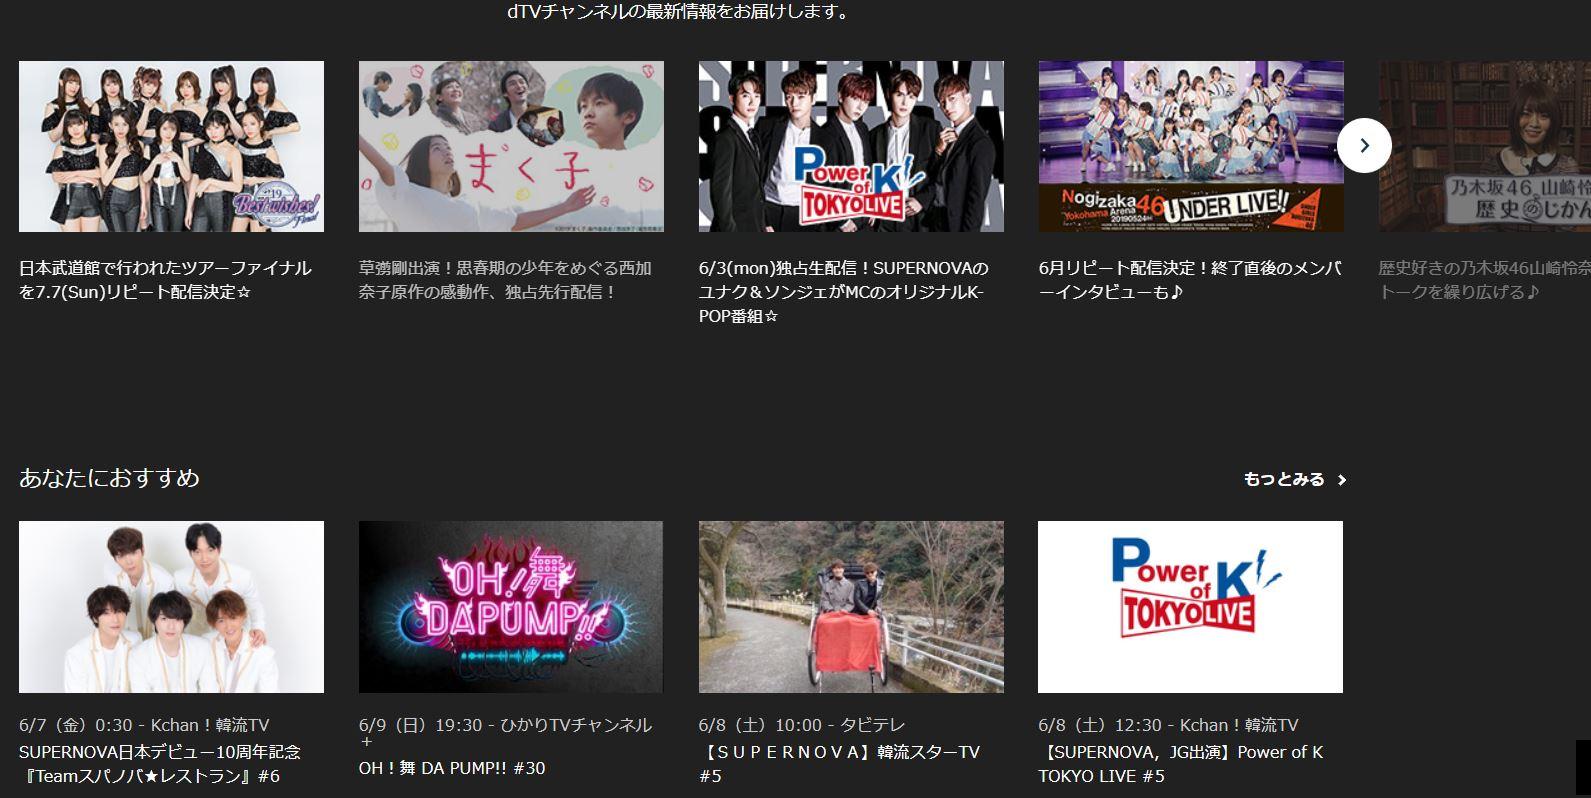 dTVチャンネル配信の動画